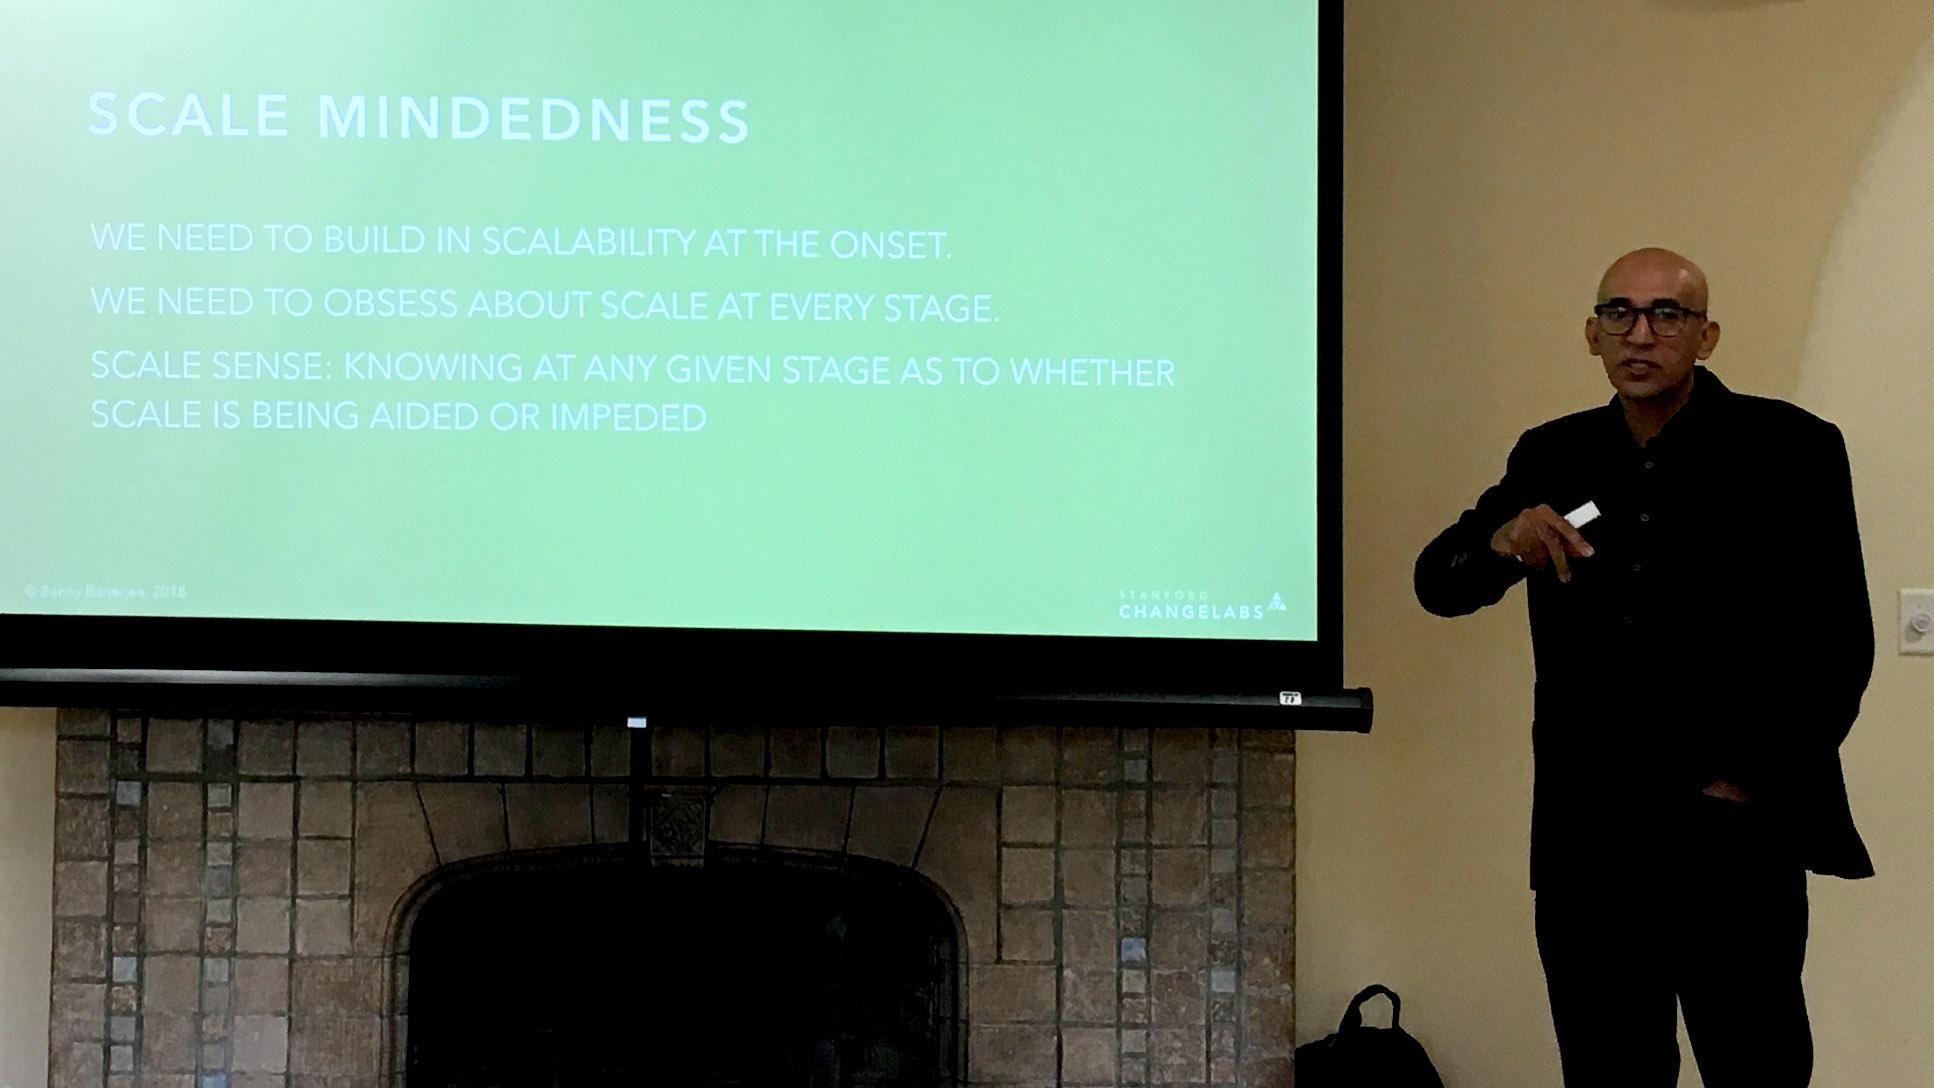 Professor Banny Banarjee på Stanford University, Scale mindset